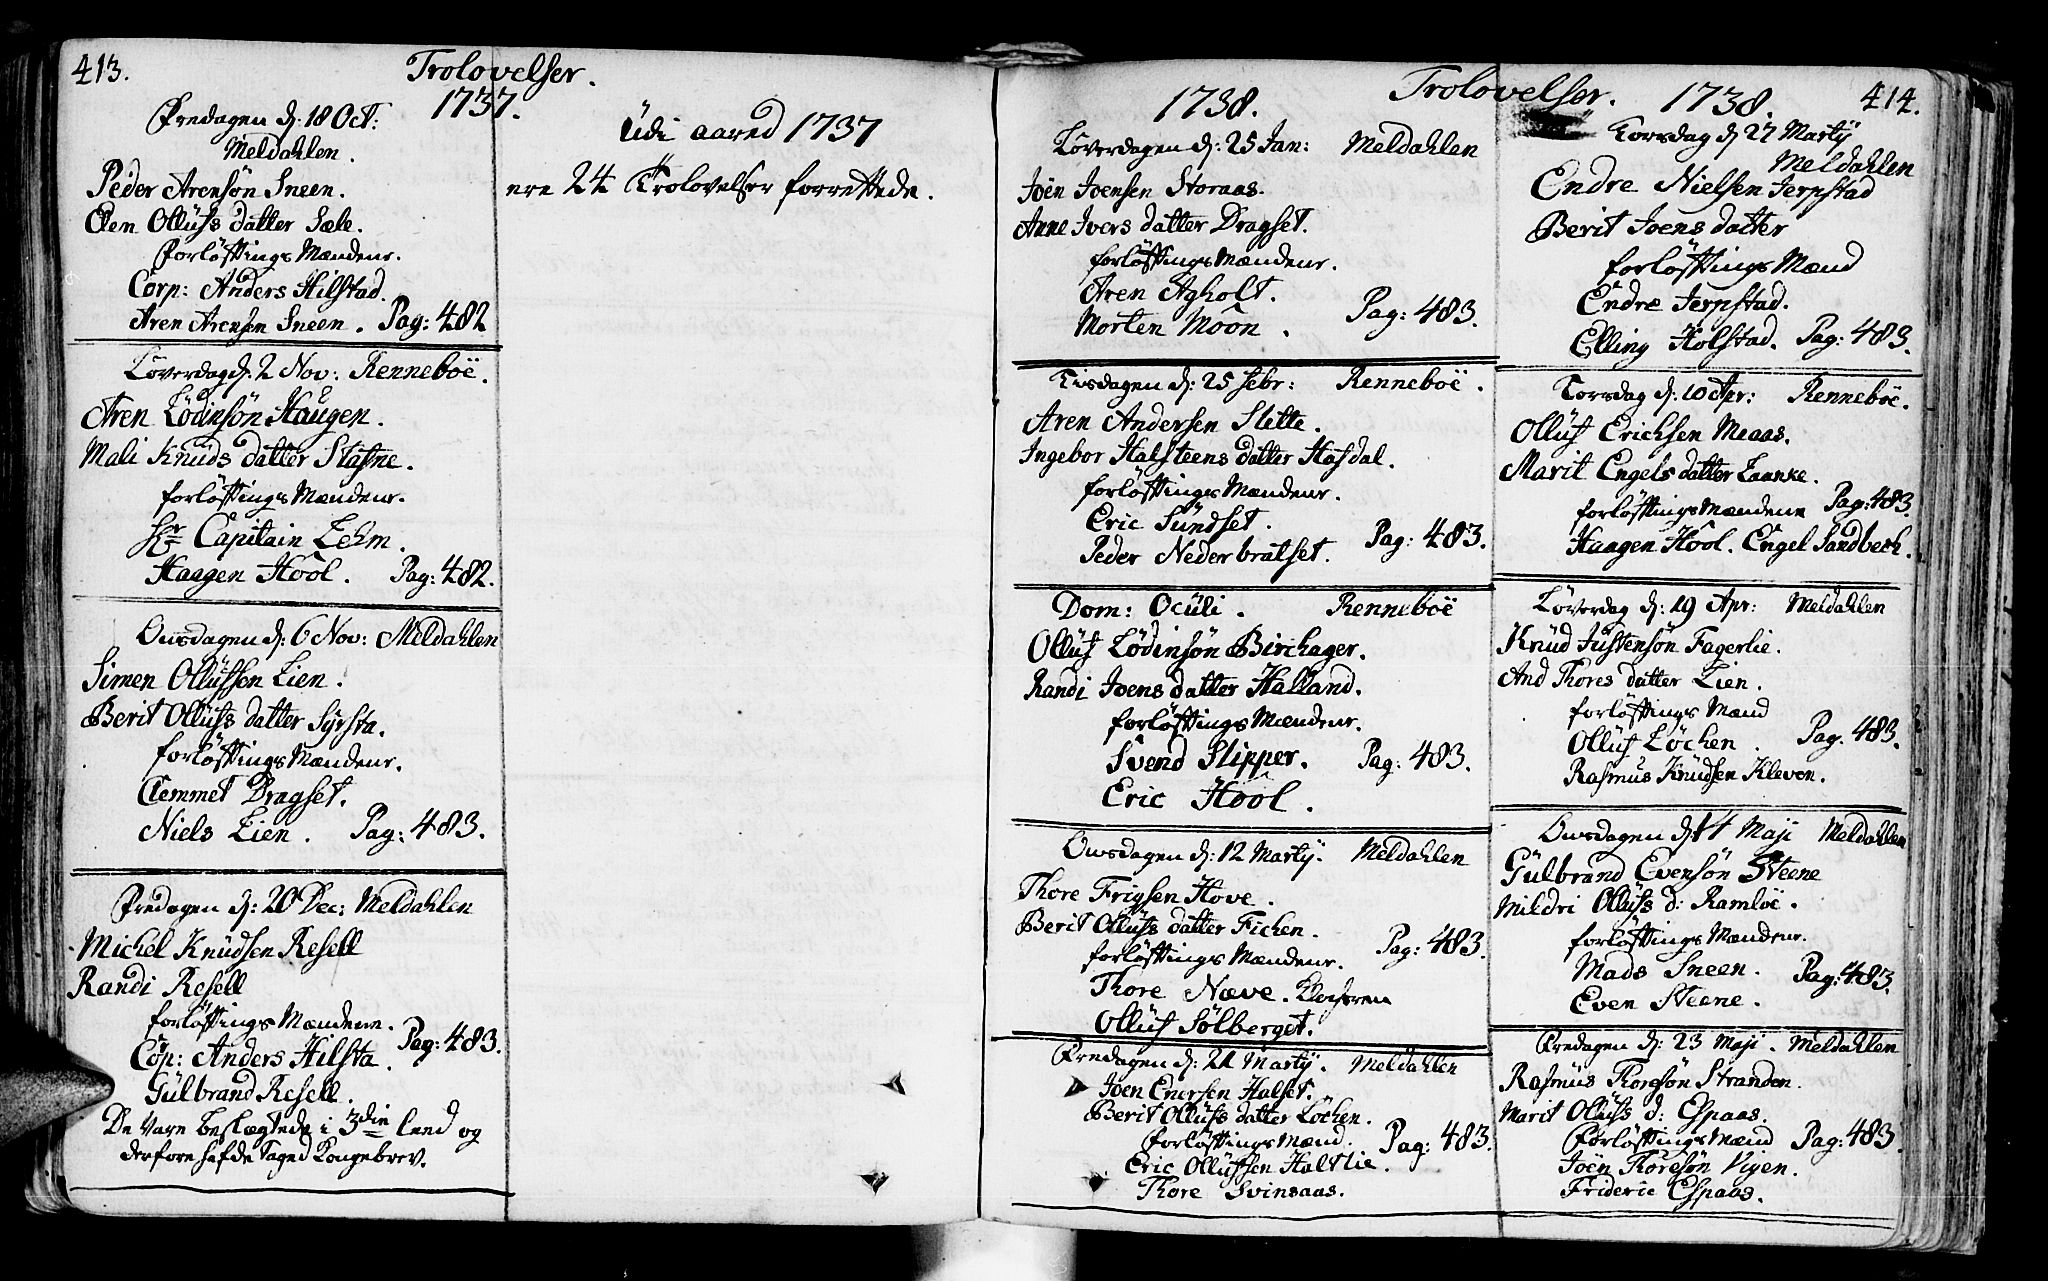 SAT, Ministerialprotokoller, klokkerbøker og fødselsregistre - Sør-Trøndelag, 672/L0850: Ministerialbok nr. 672A03, 1725-1751, s. 413-414